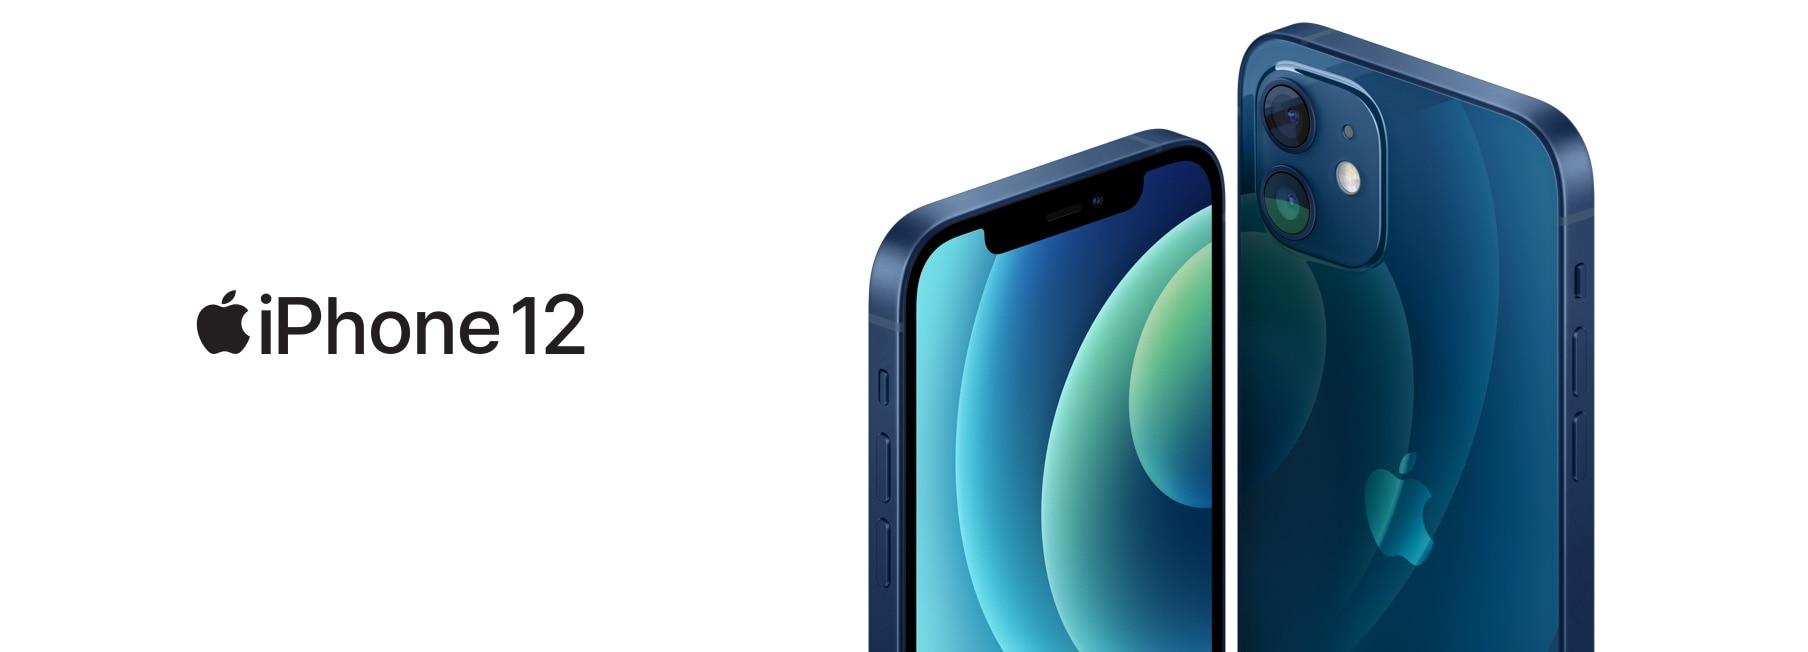 Conoce el iPhone 12 5G